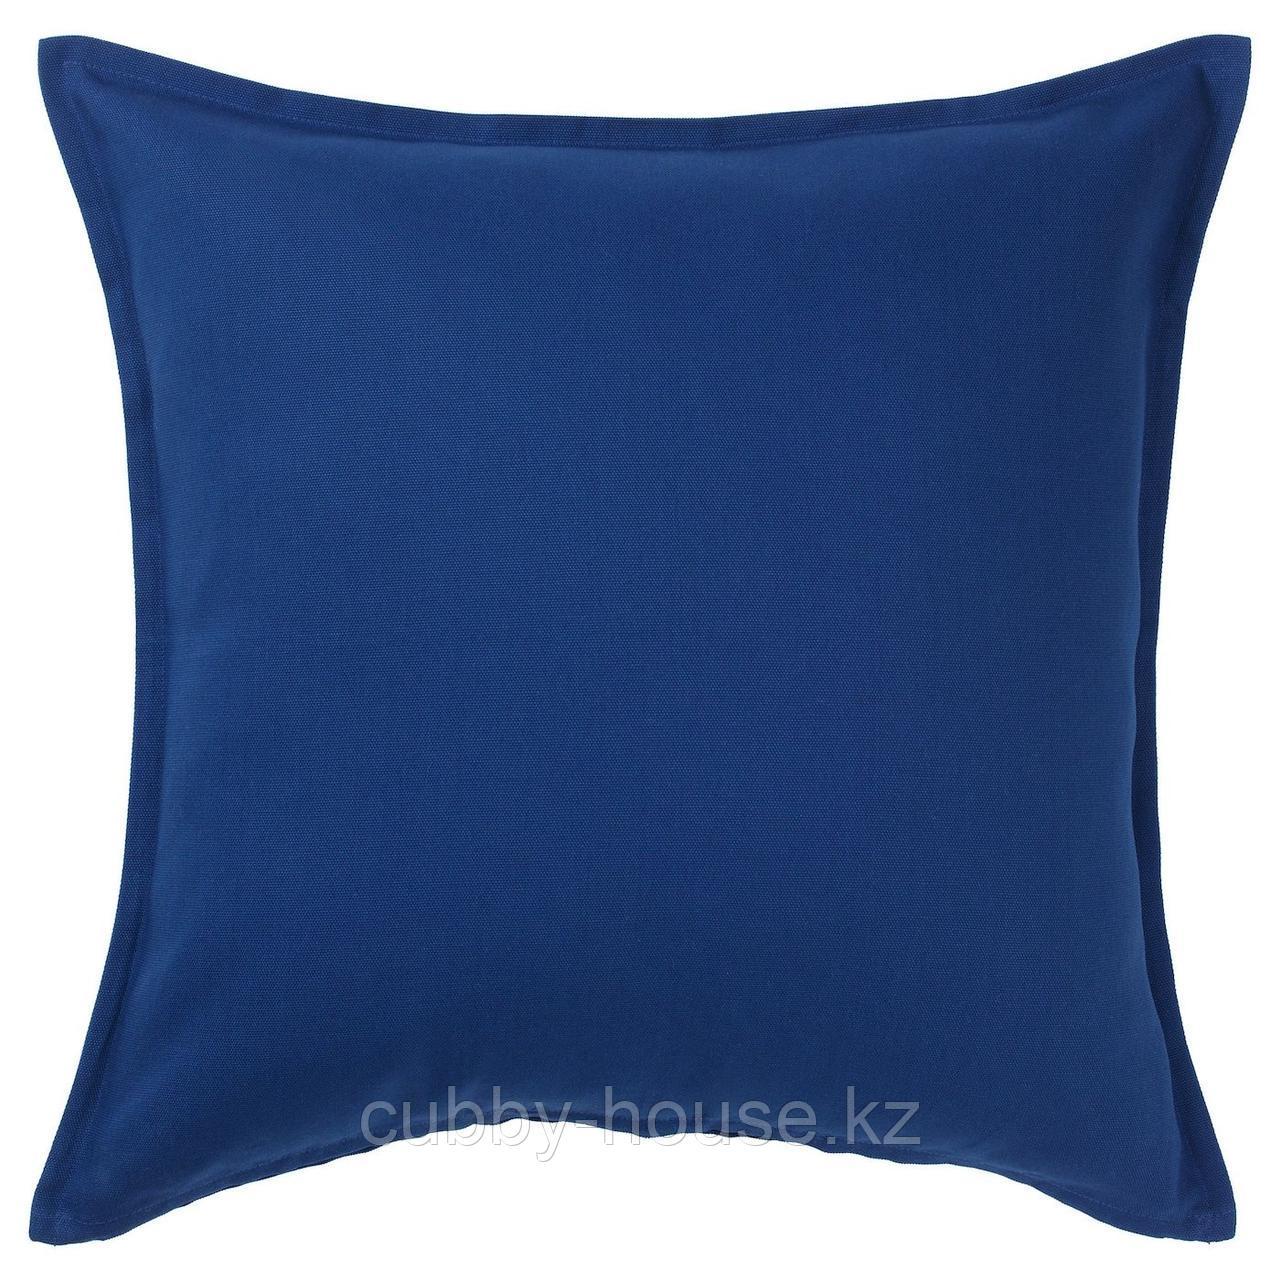 ГУРЛИ Чехол на подушку, темно-синий, 50x50 см